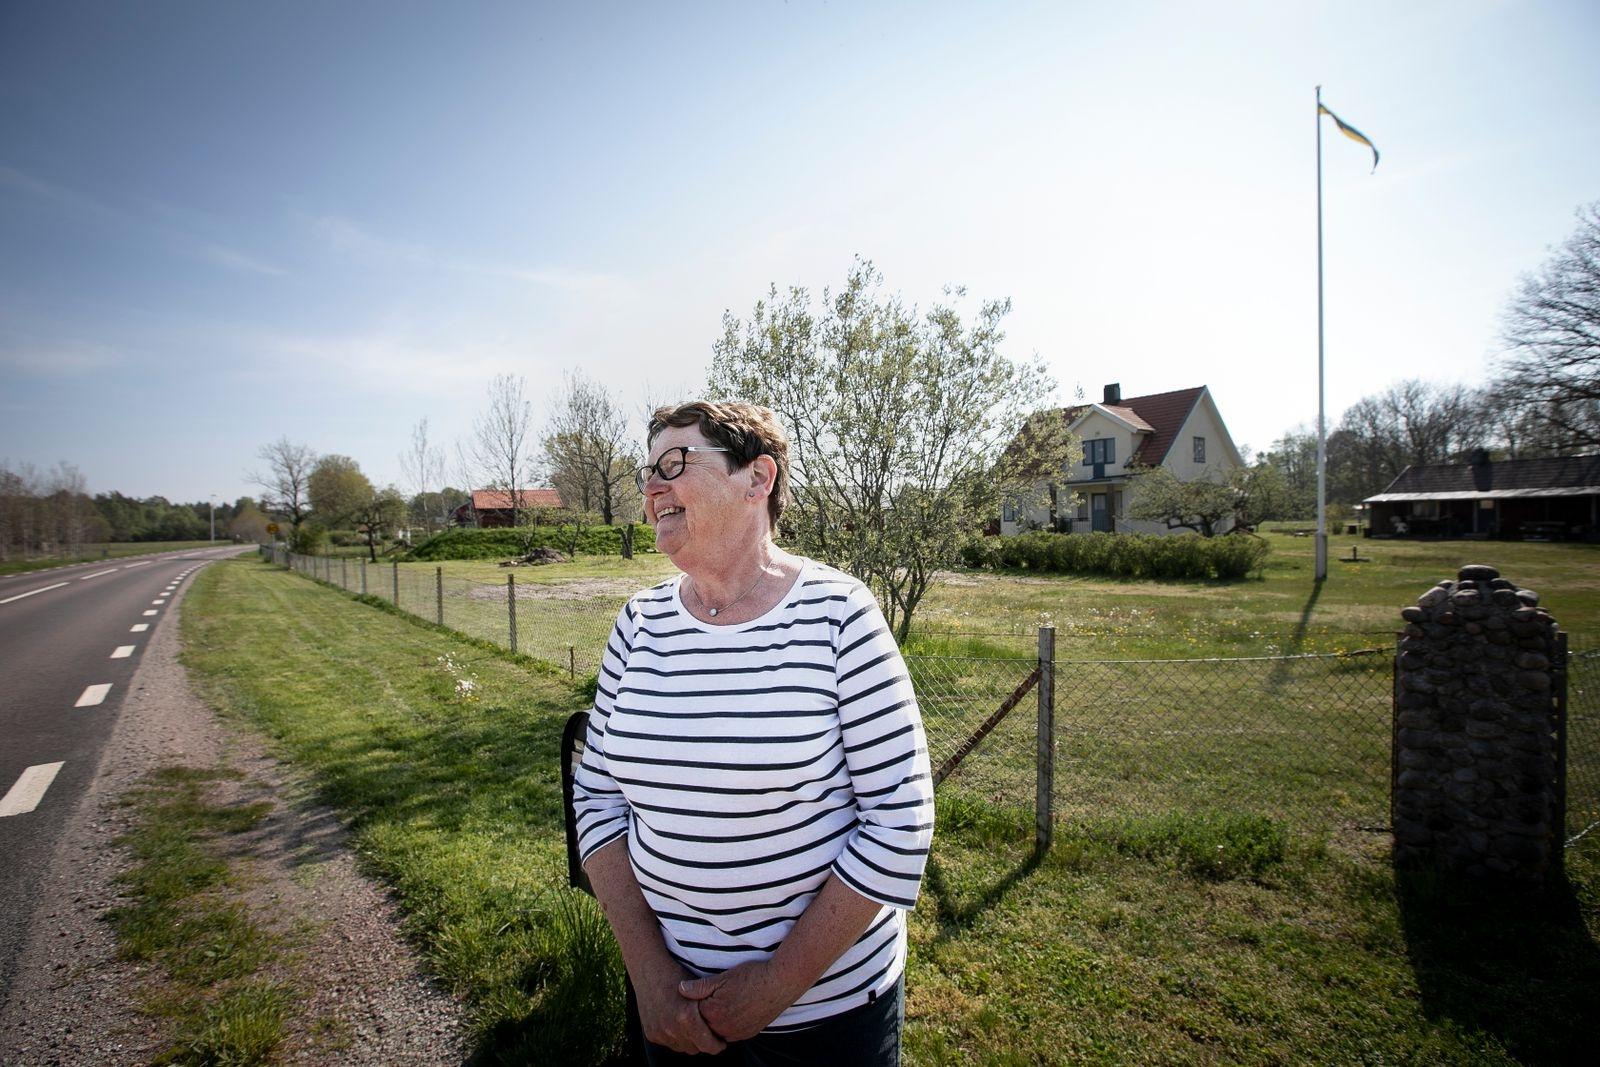 – Jag tror att det är många som säger nej och tycker att det fungerar som det är, säger pensionerade förskolläraren Else-Marie Adolfsson, som bor utanför Byxelkrok.